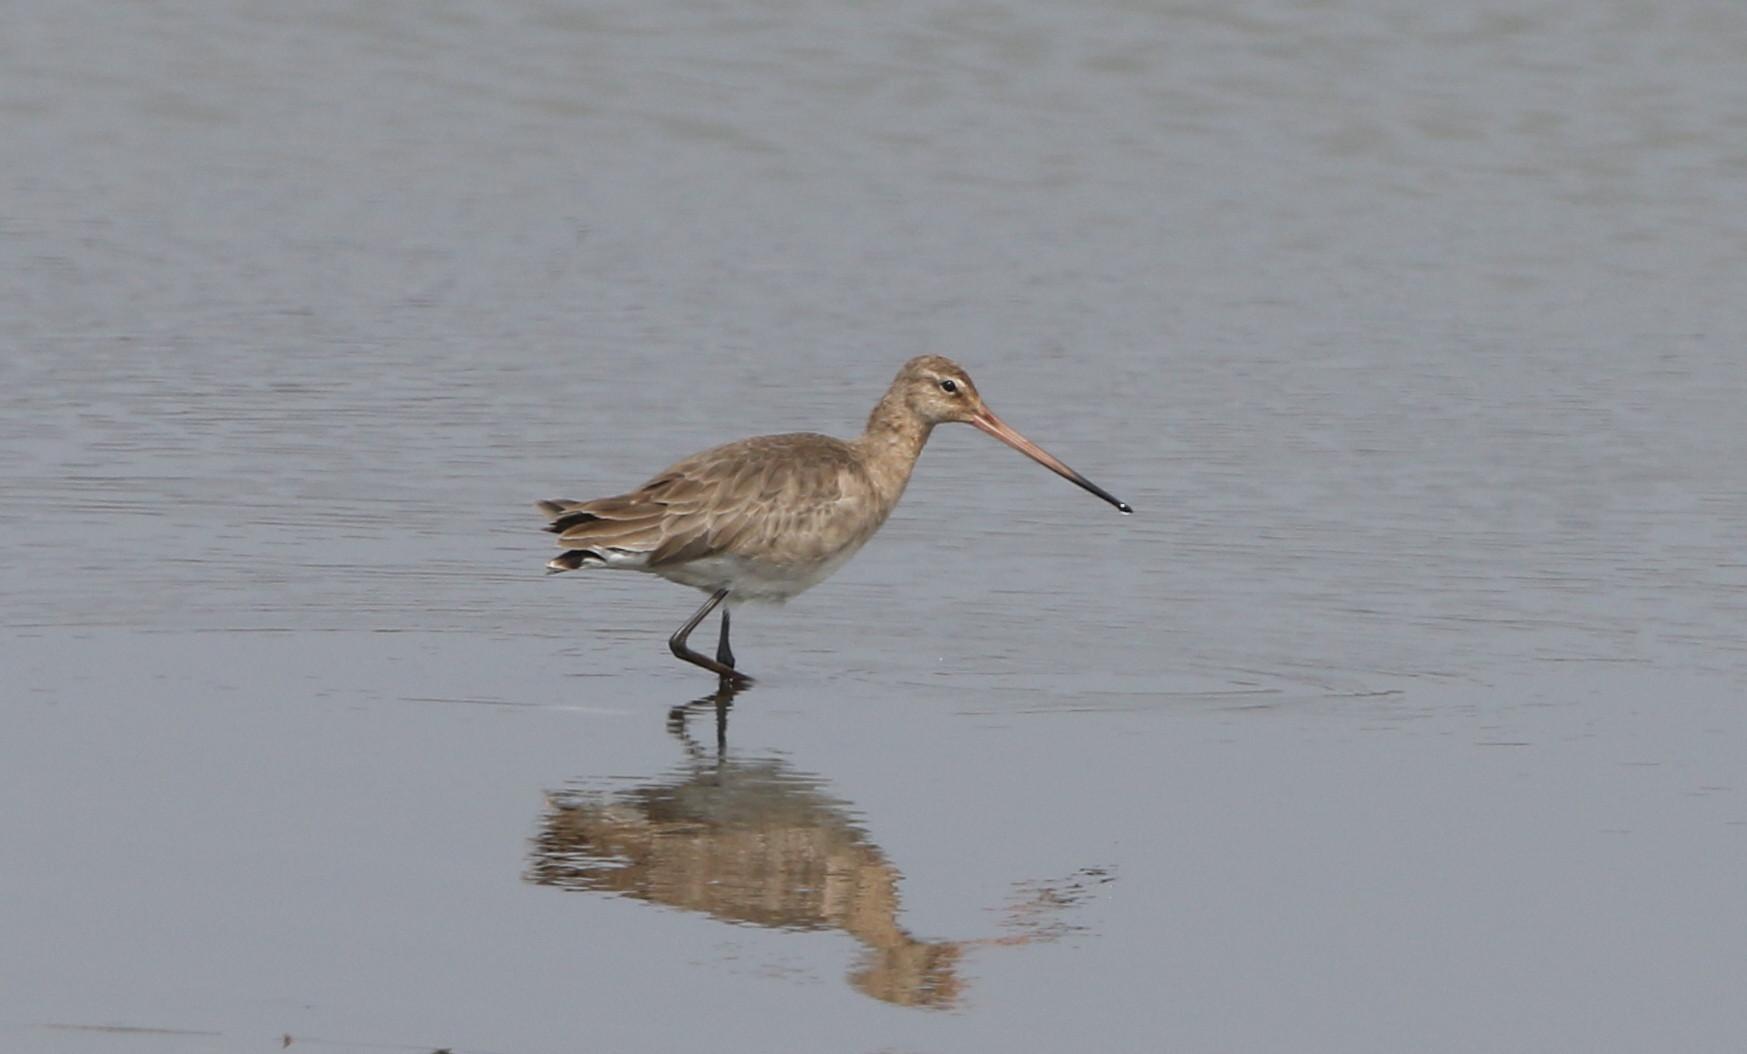 MFの沼でオグロシギを撮る_f0239515_21451911.jpg